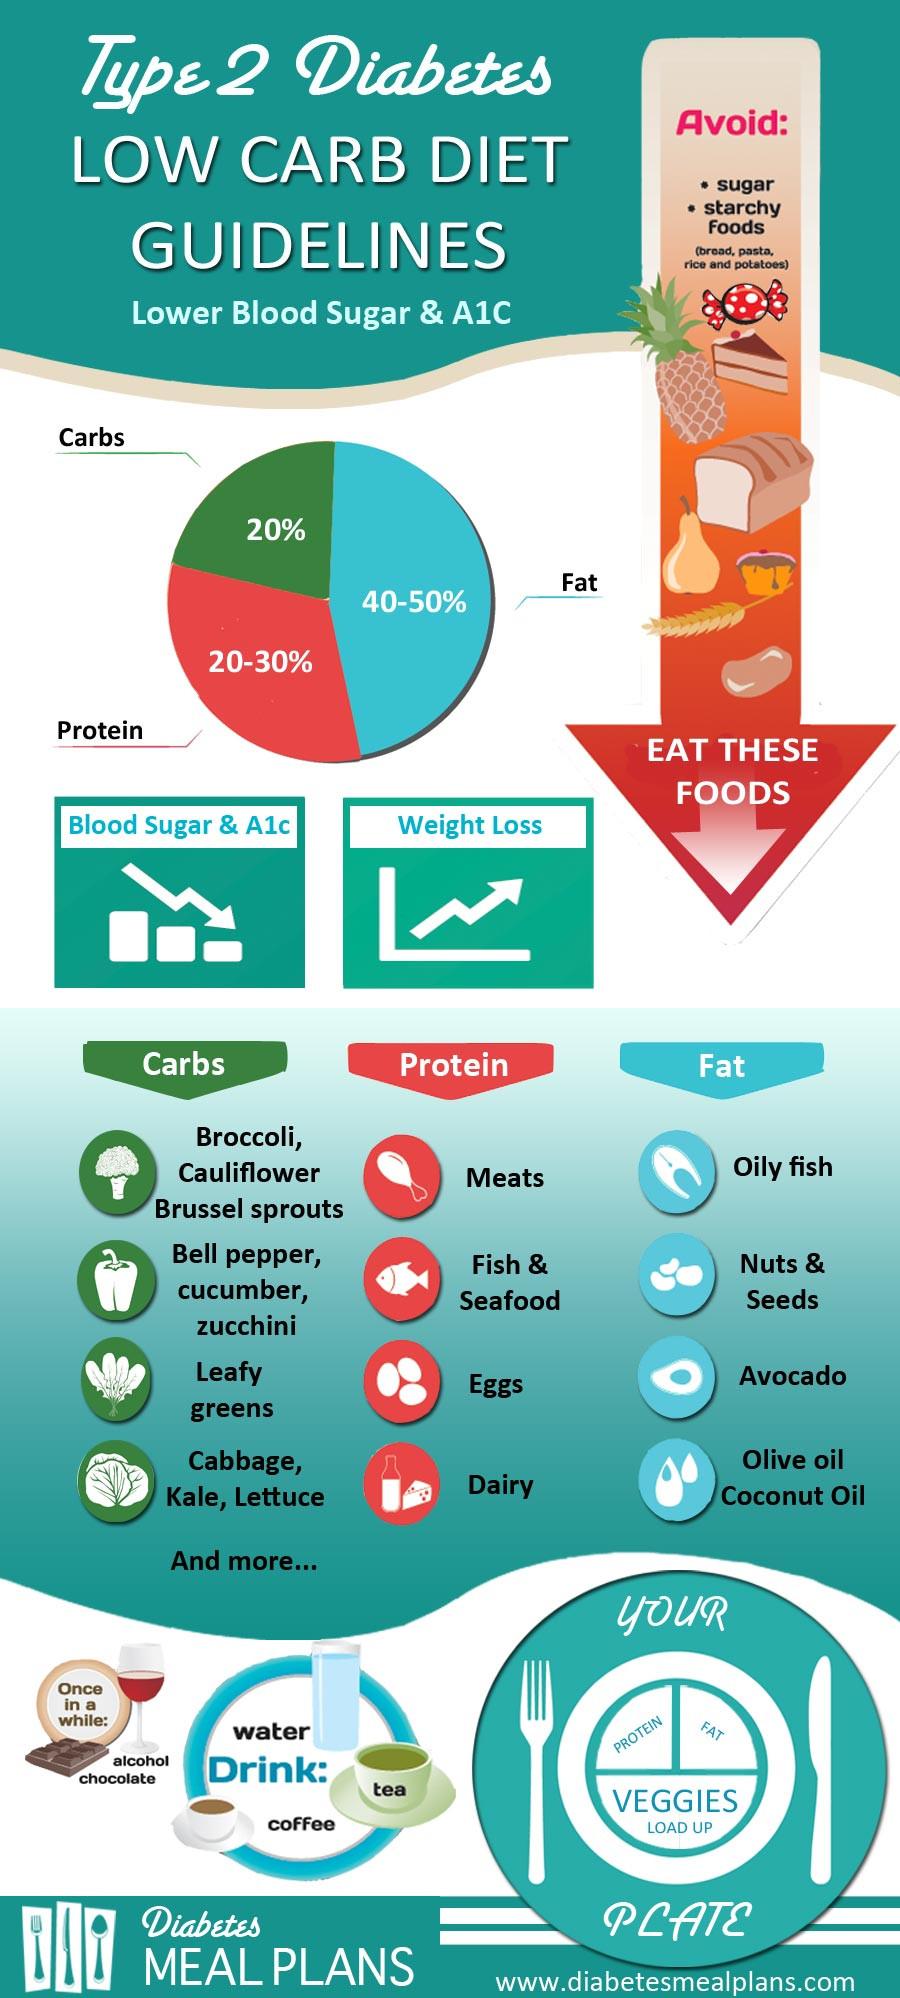 Low Fat Diet For Diabetics  Diabetes Low Carb Diet Guidelines